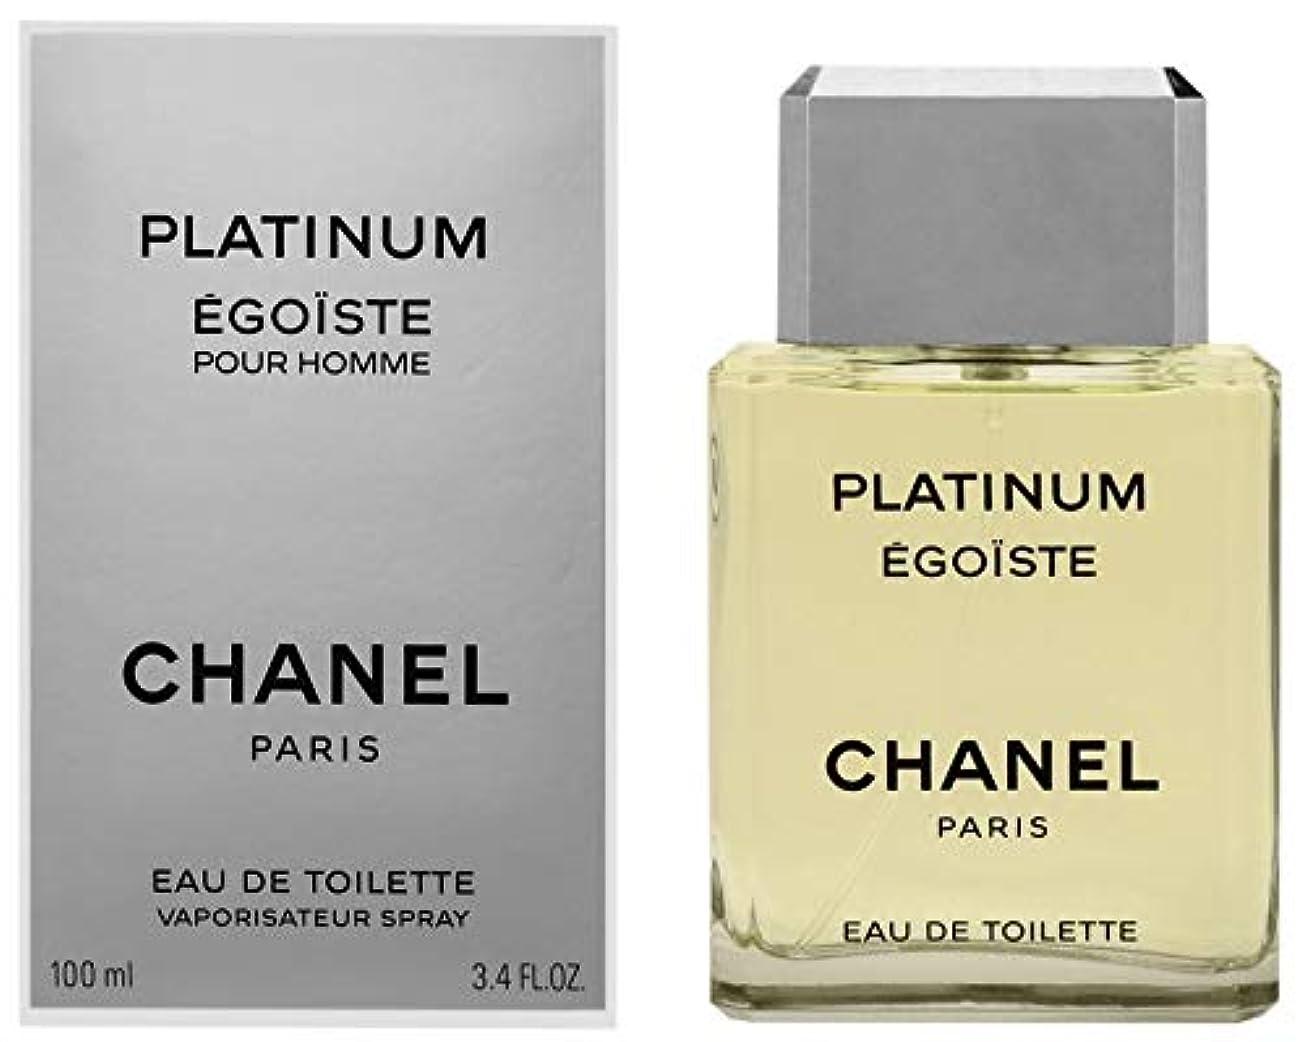 かけがえのない戸惑う宴会CHANEL(シャネル) EGOISTE PLATINUM エゴイスト プラチナム EDT100ml オードゥトワレット スプレイ